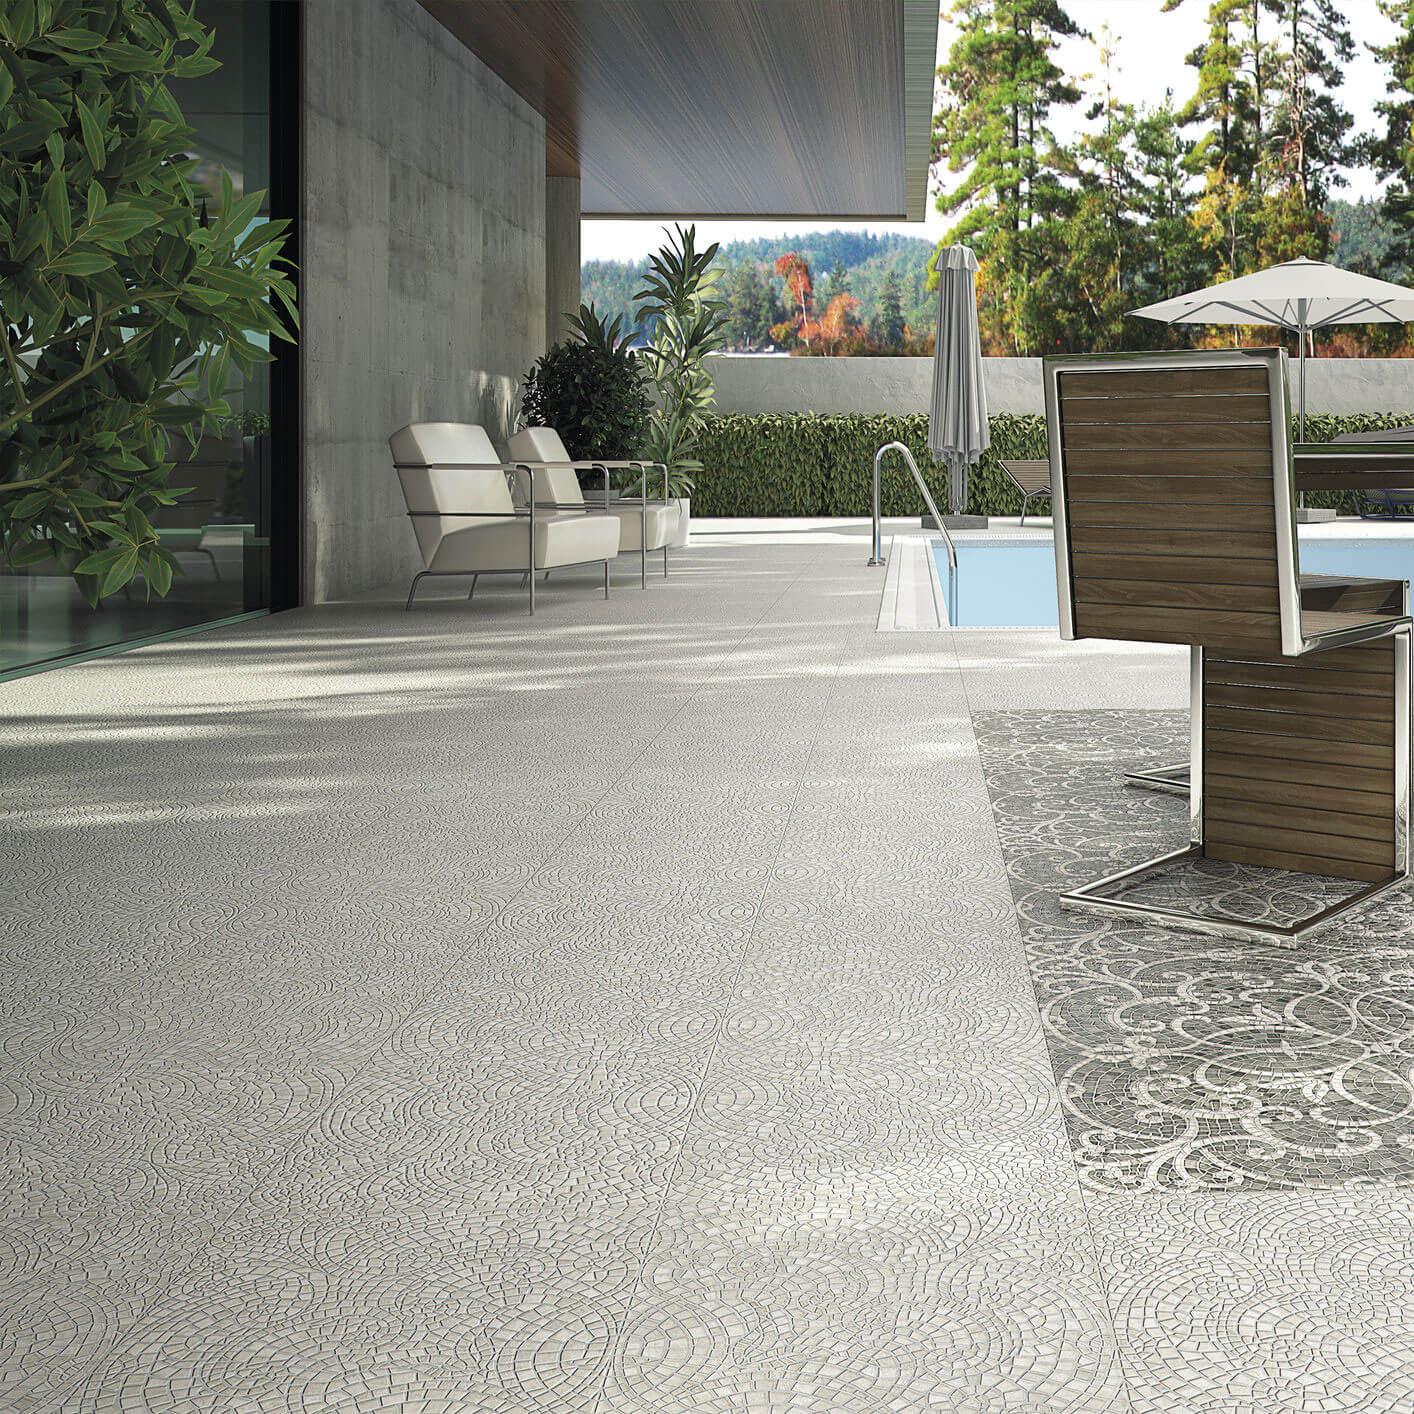 Carrelage sol exterieur aspect pavé gris Sydney Pearl 45x45 cm antidérapant